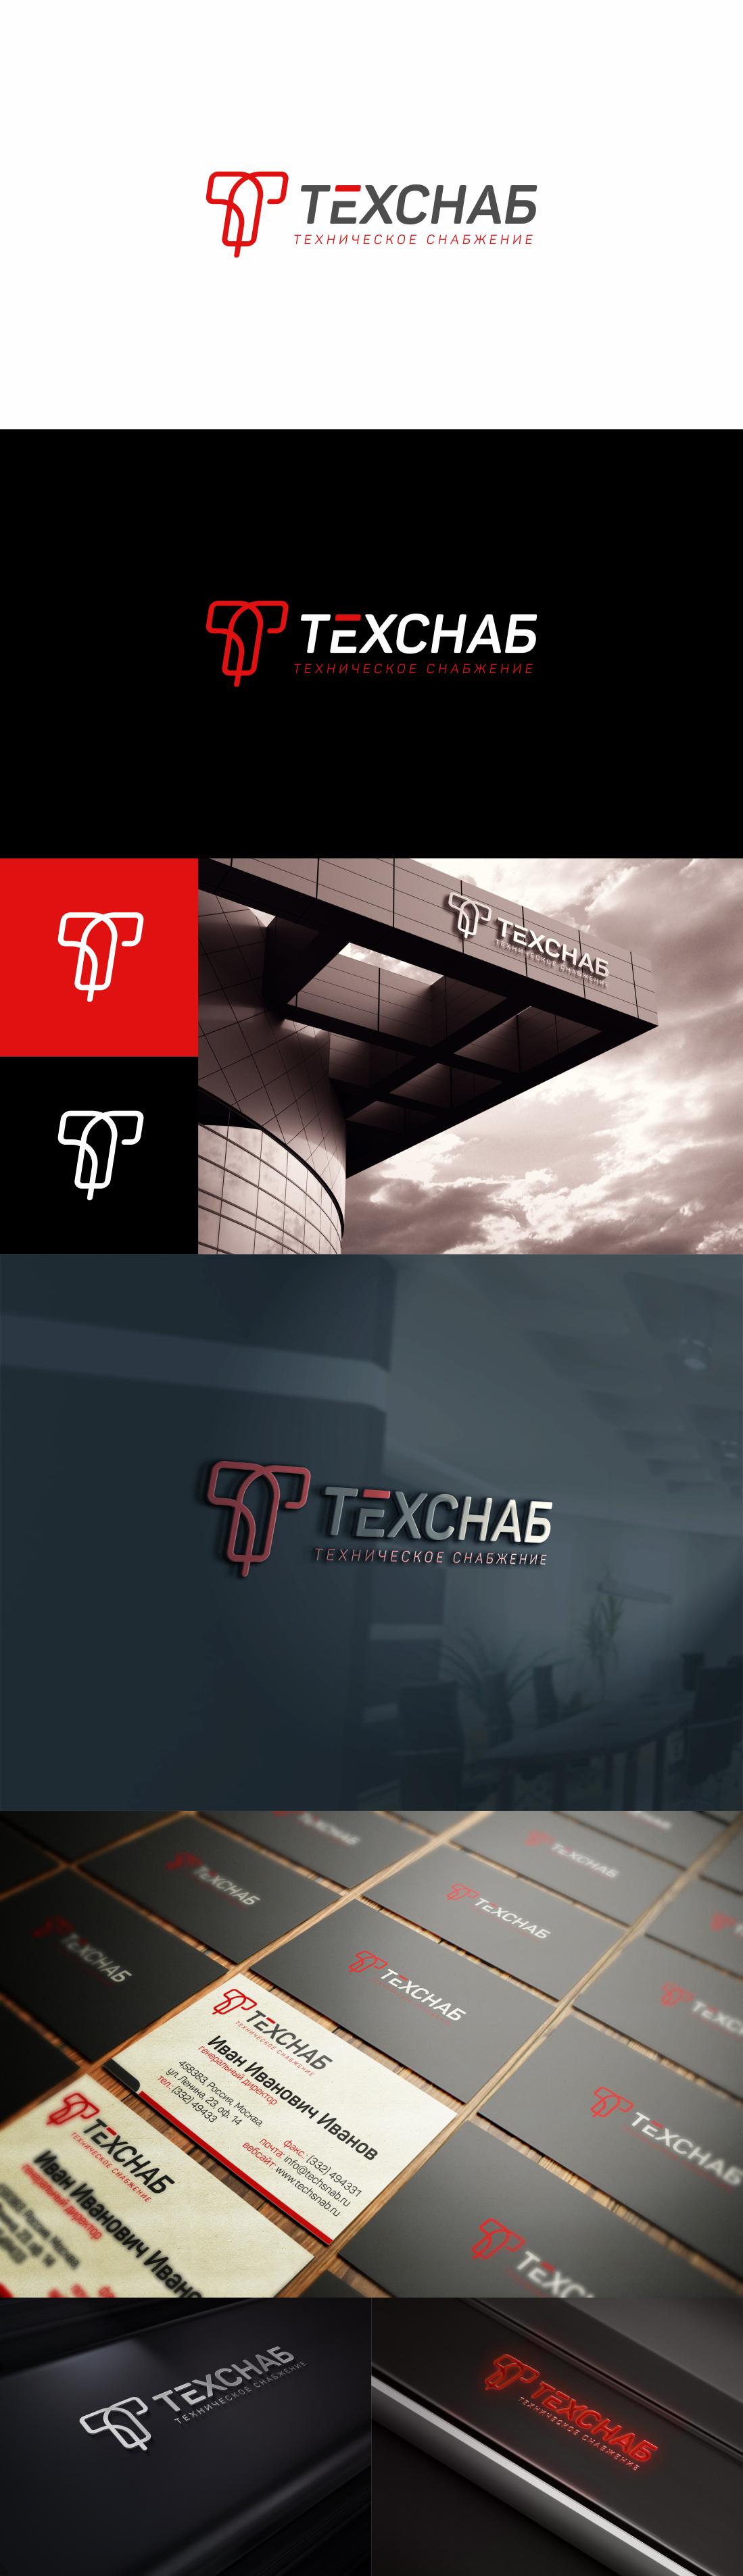 Разработка логотипа и фирм. стиля компании  ТЕХСНАБ фото f_9965b220e64794a6.jpg